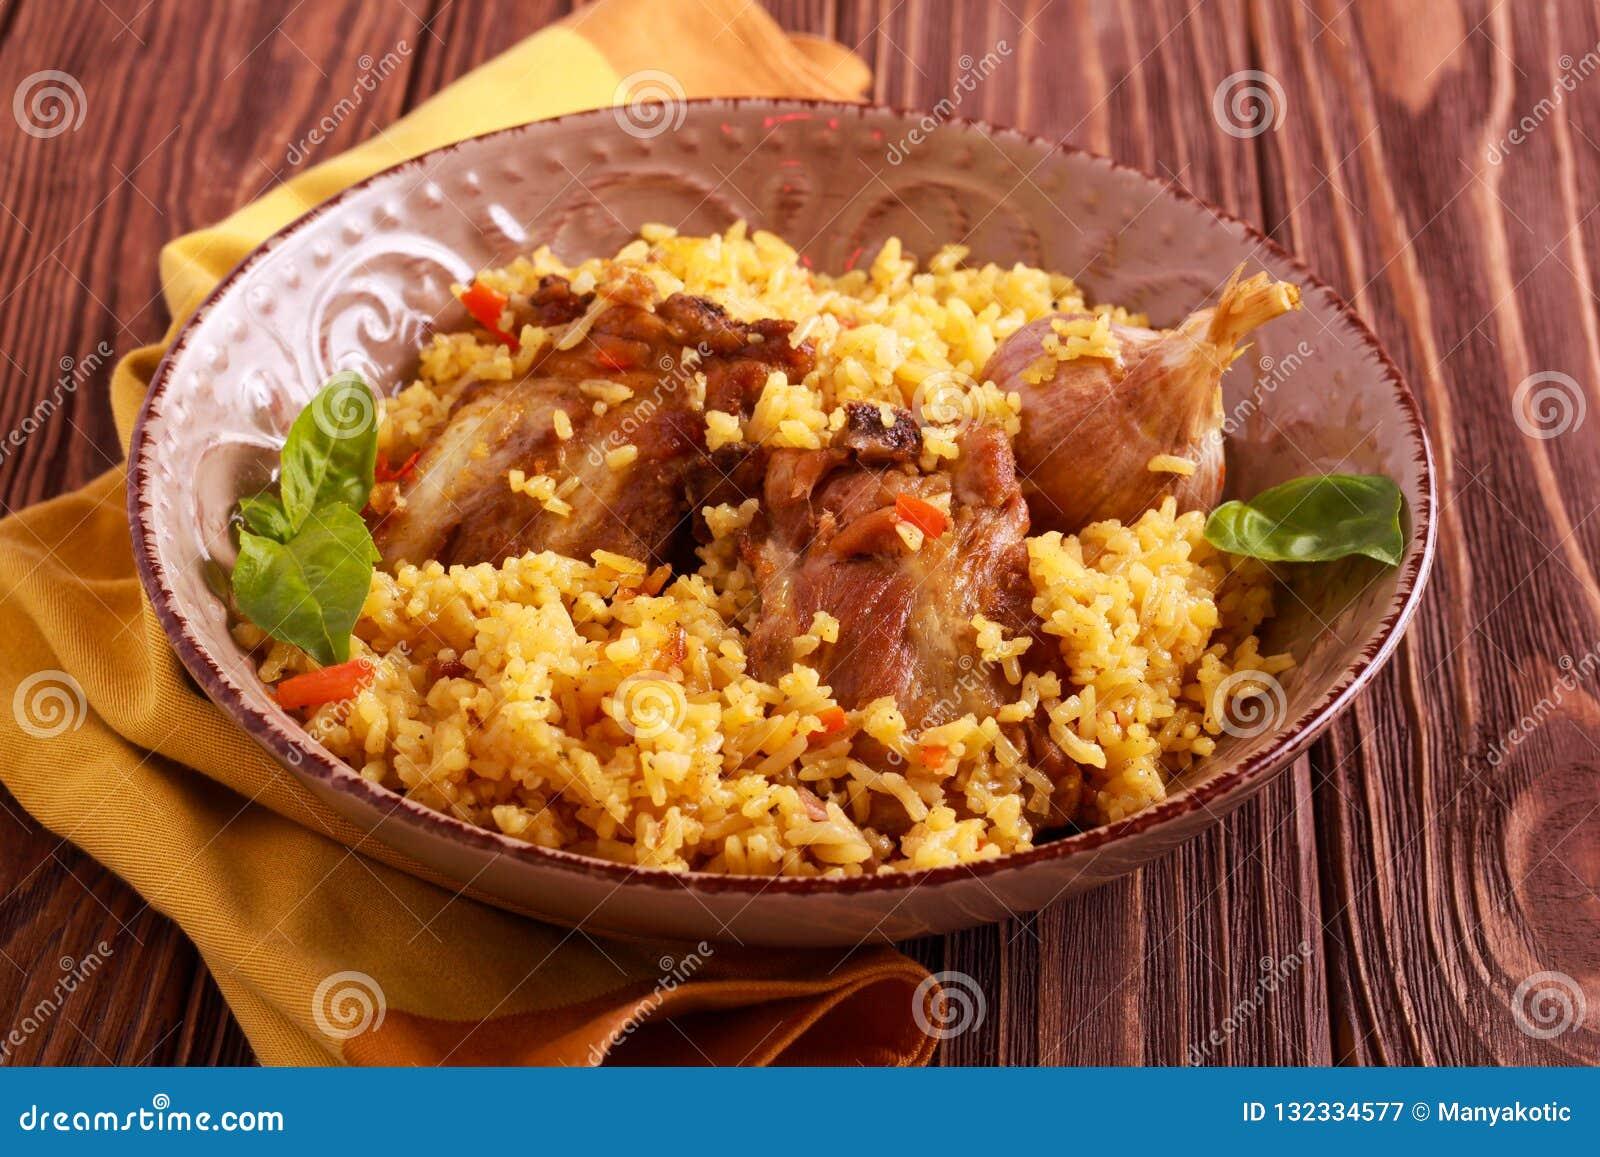 Reforços de carne de porco e prato do arroz